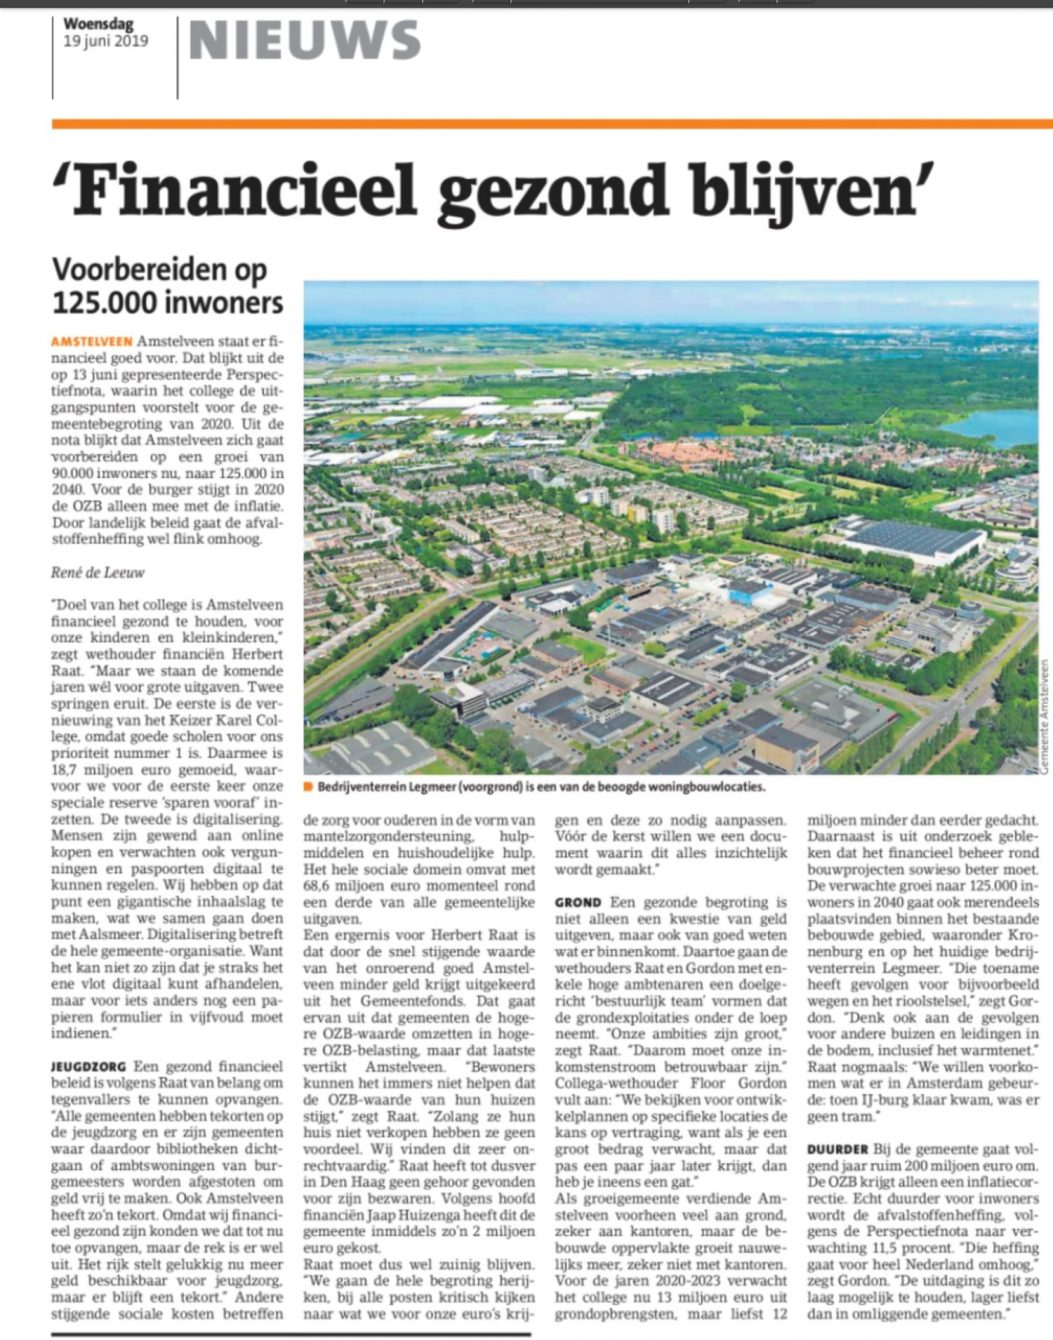 2019-19-6; Amstelveens Nieuwsblad; Herbert Raat en Floor Gordon over de grenzen aan de groei van Amstelveen en de perspectiefnota 2020